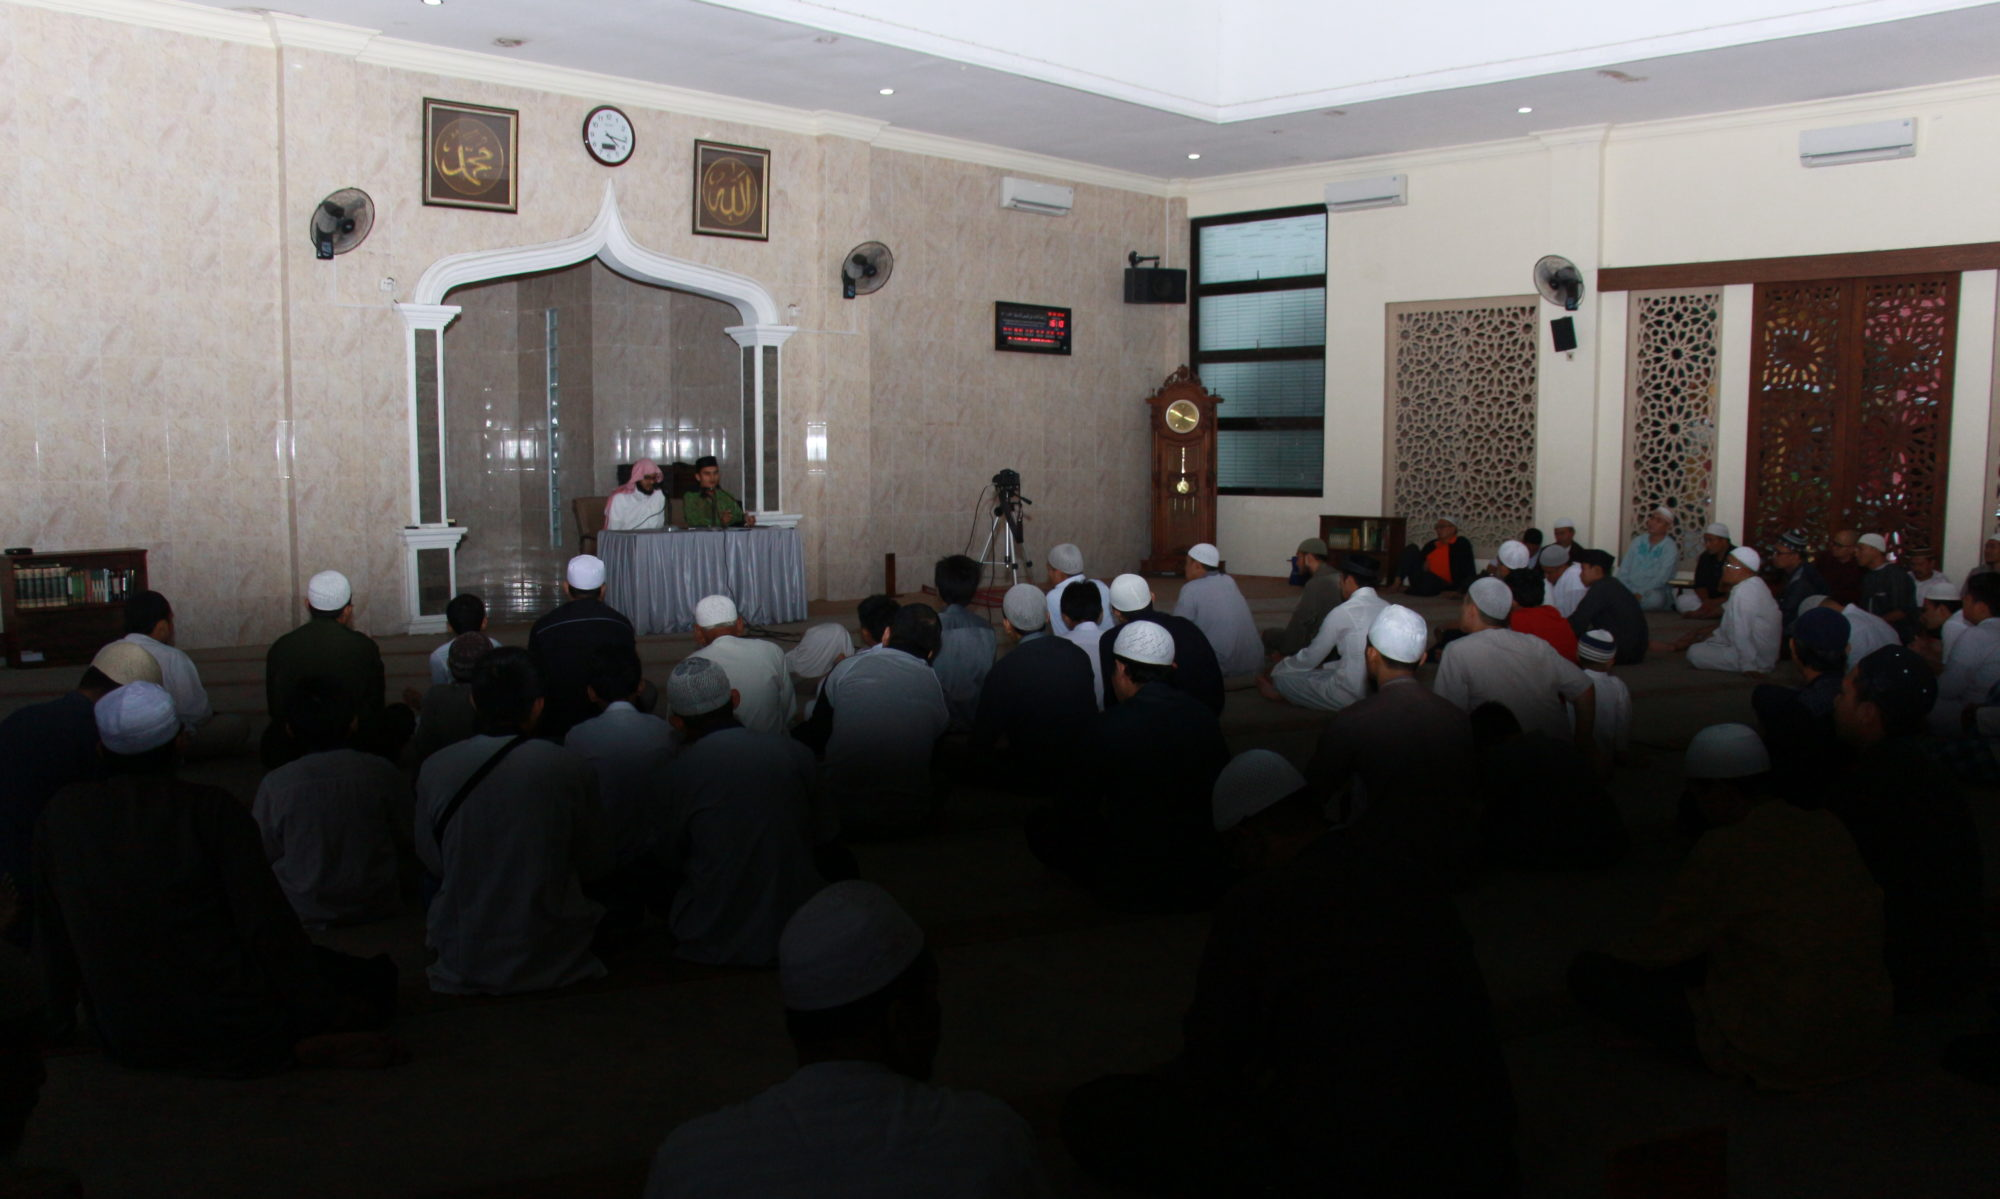 Masjid Daarul Ihsan